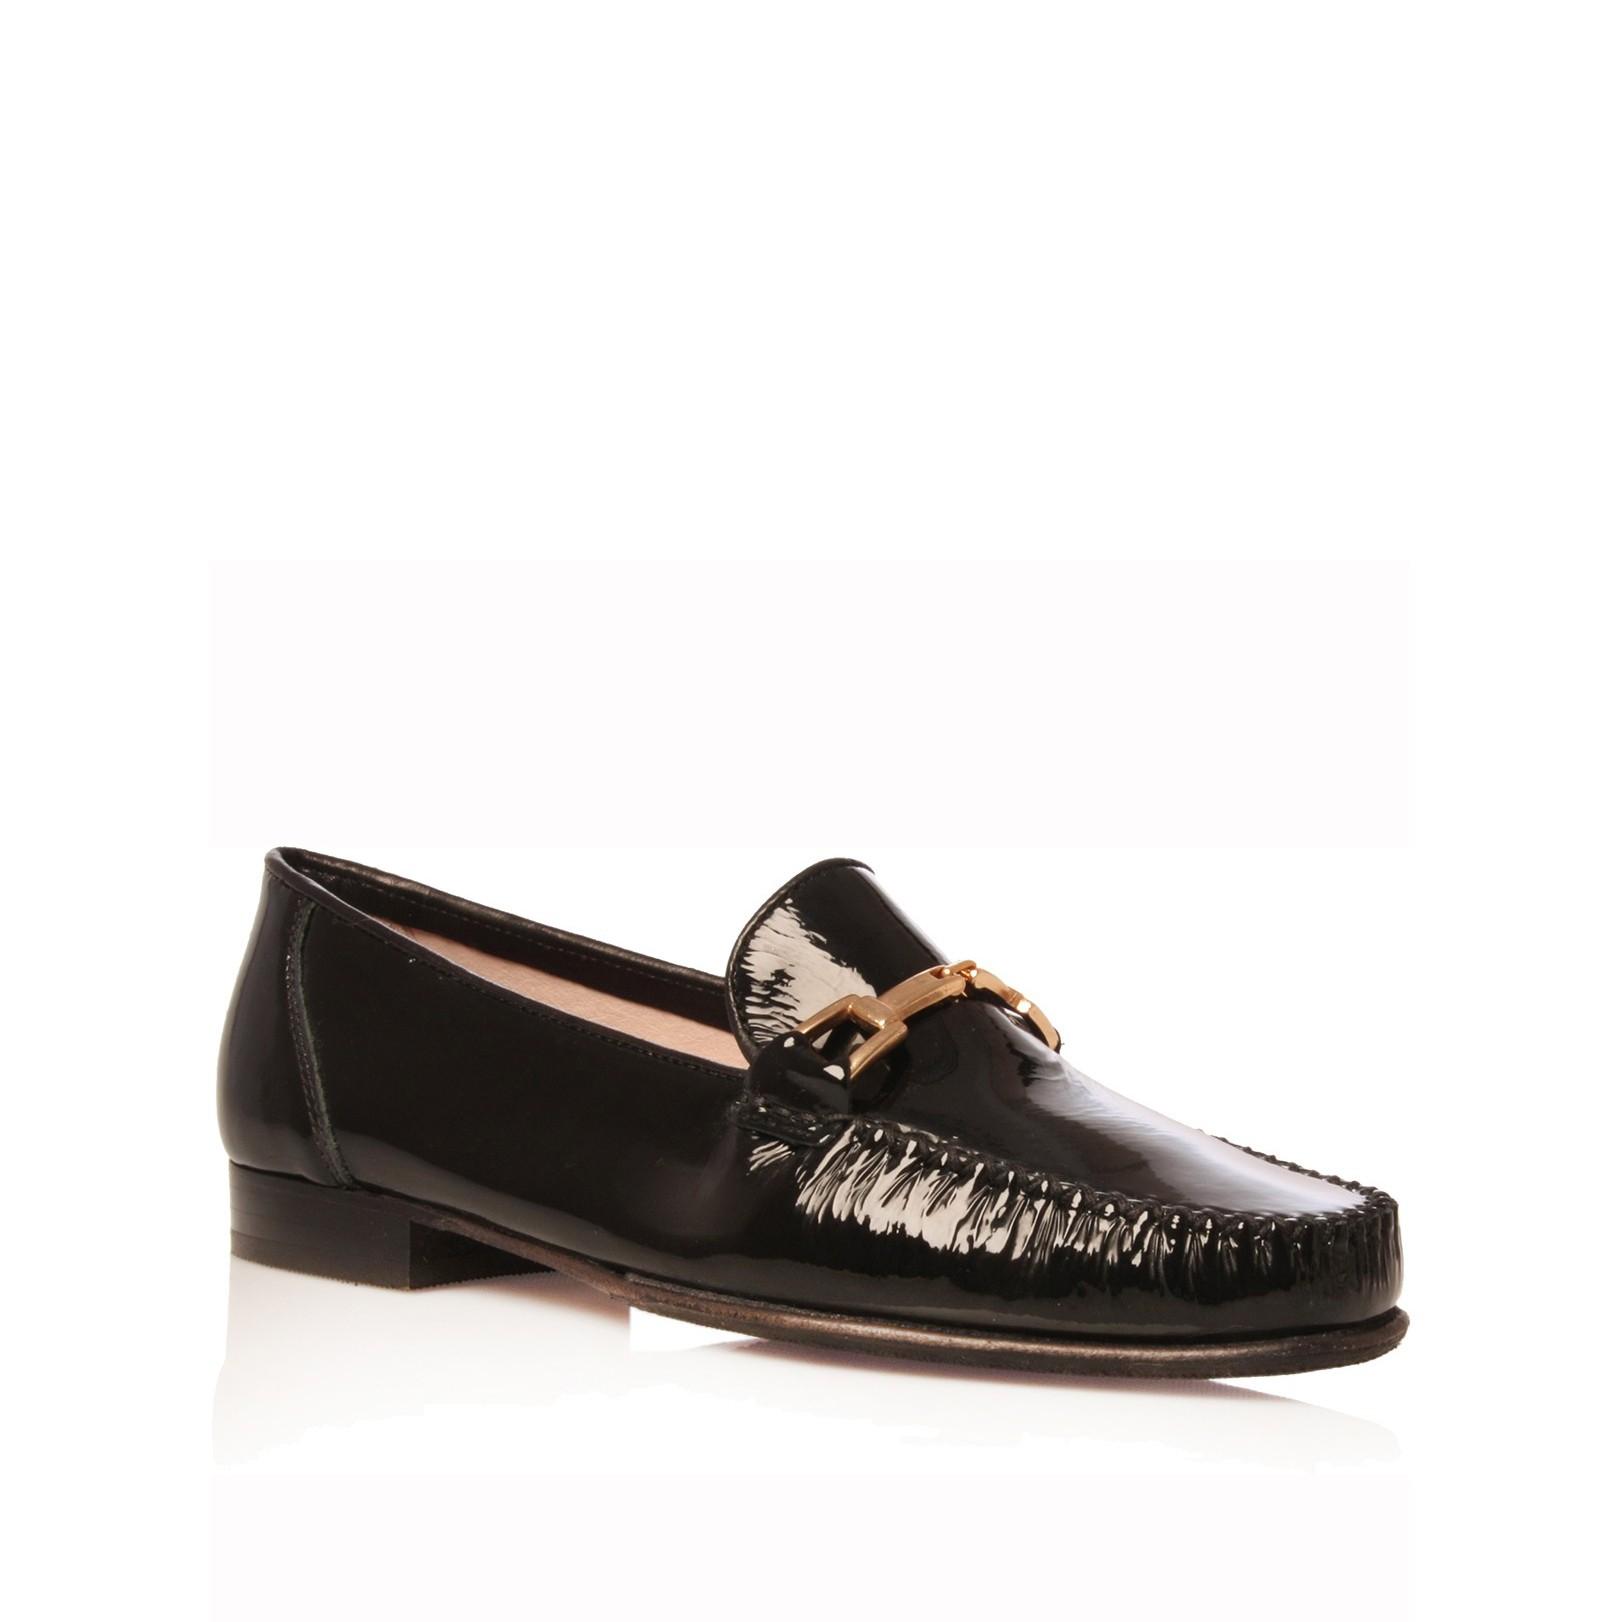 Marni Shoes Uk